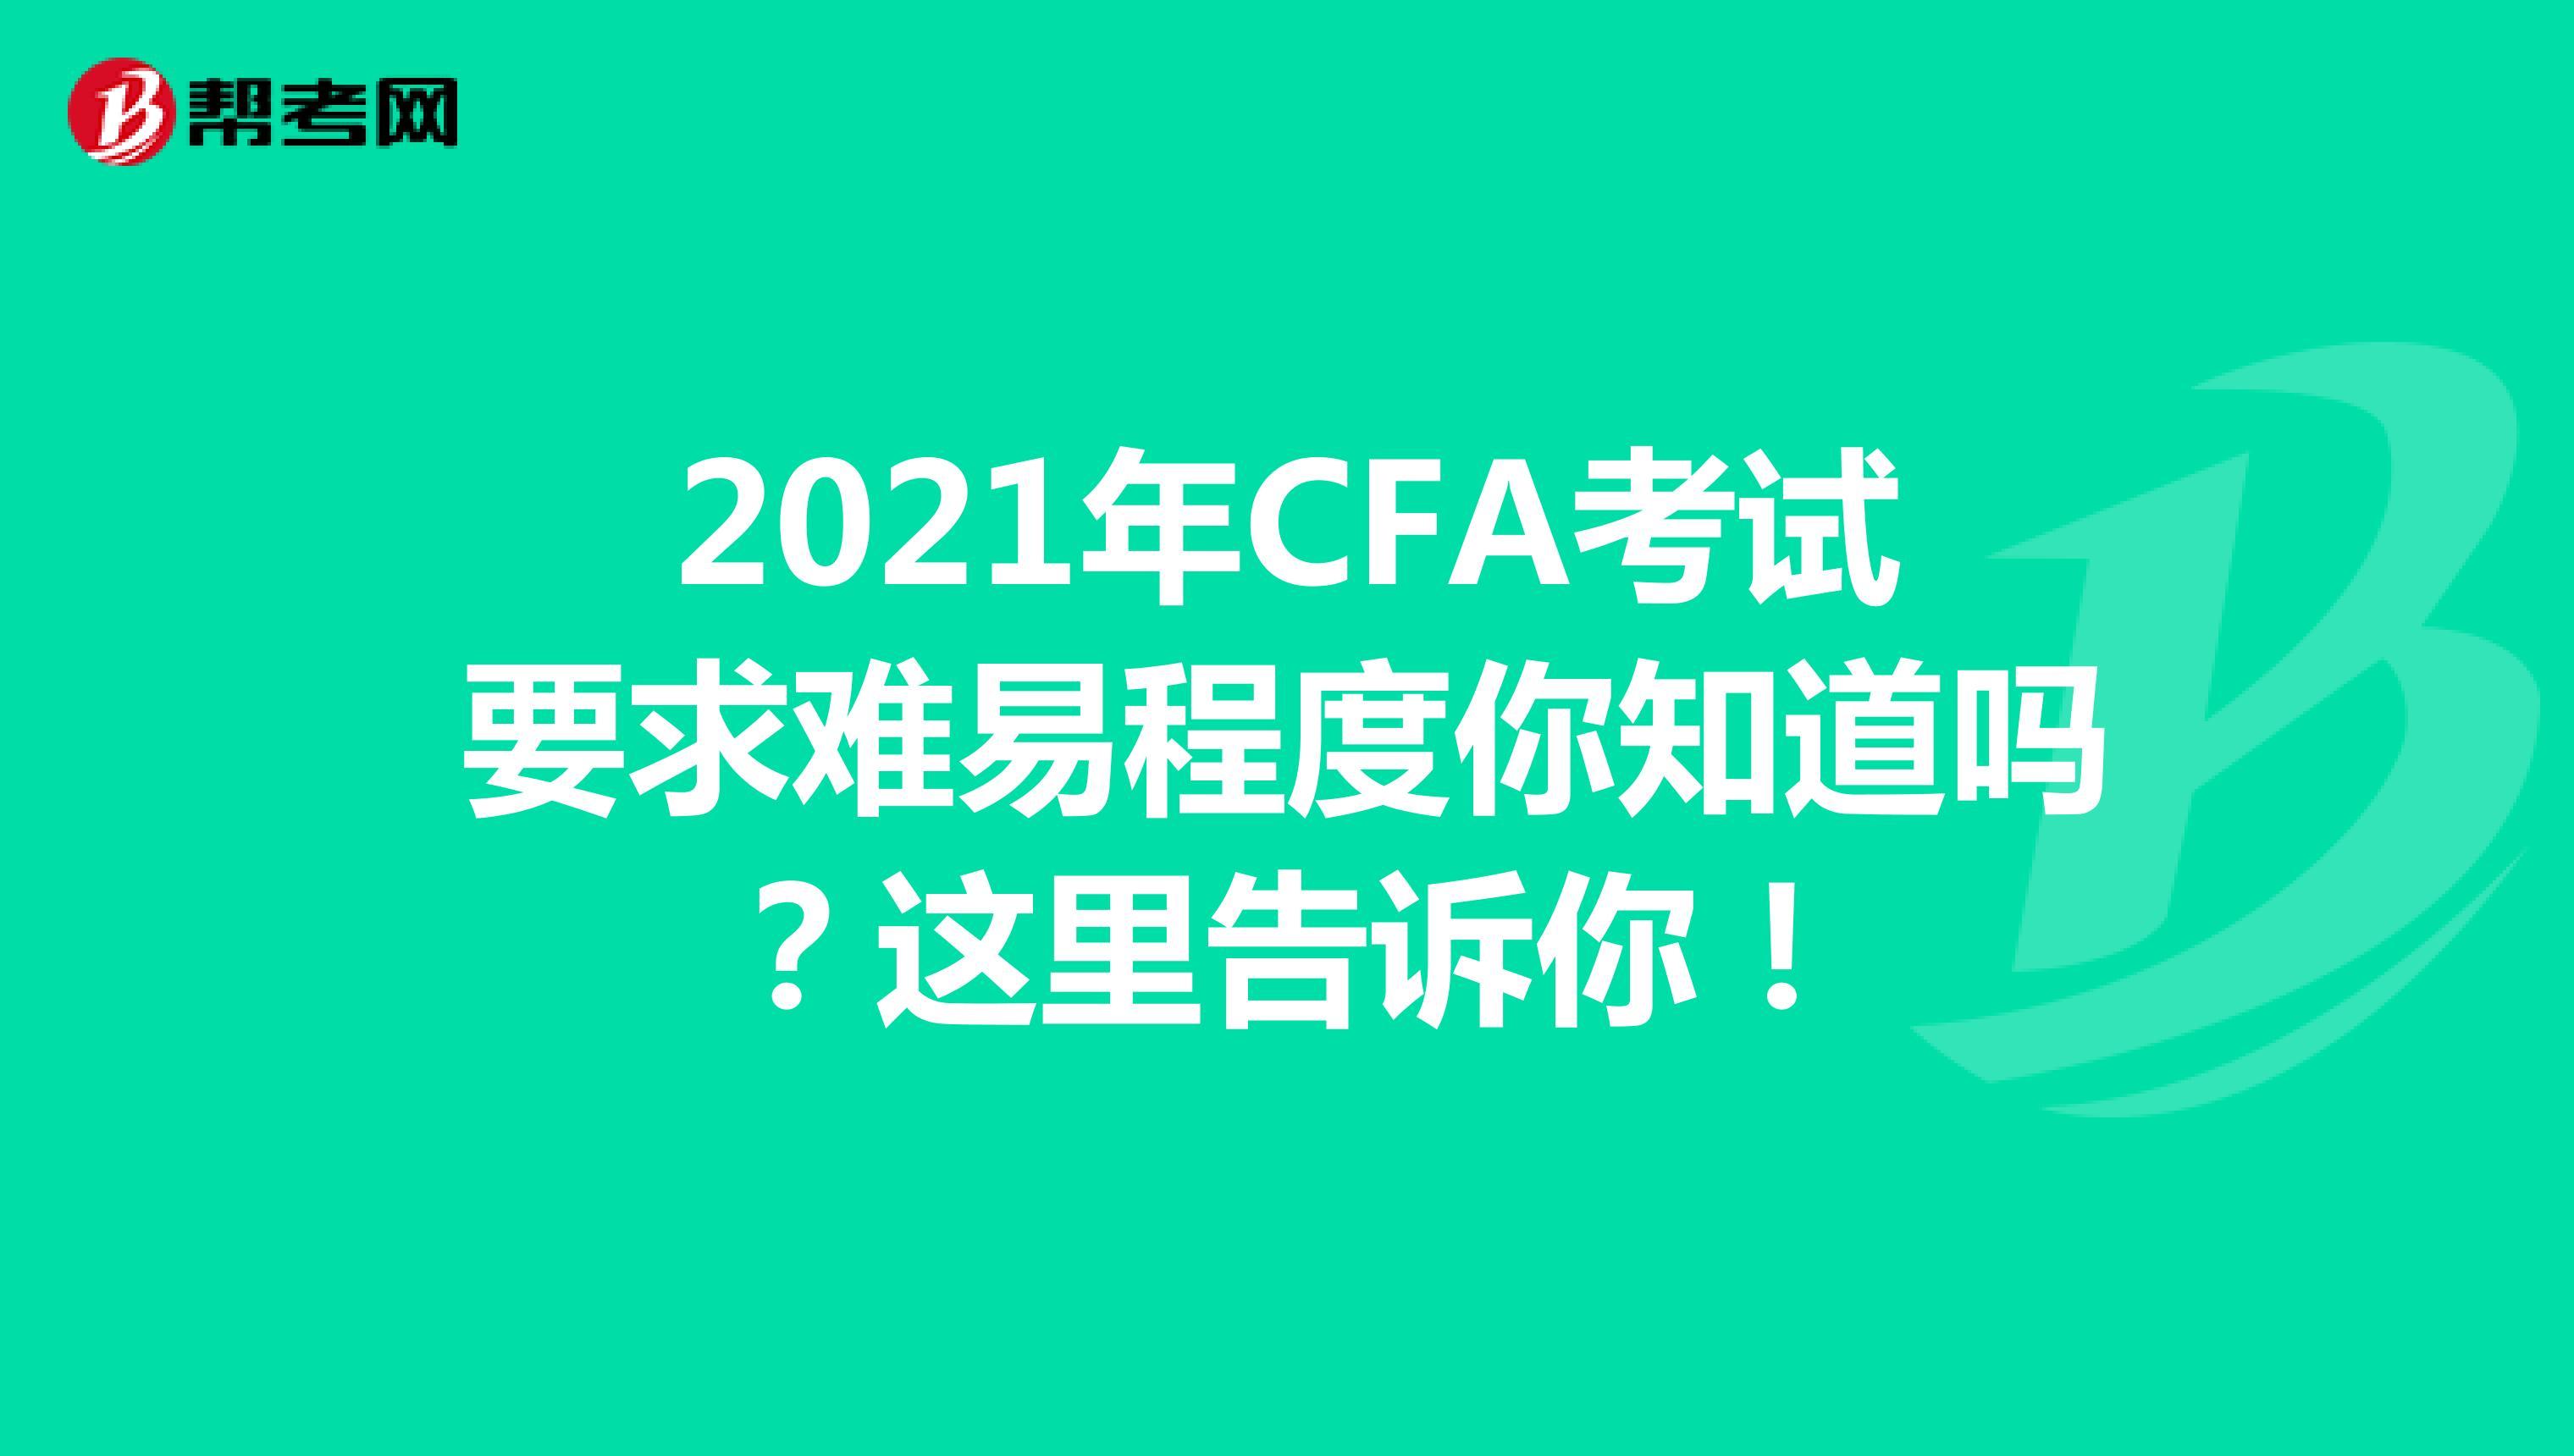 2021年CFA考试要求难易程度你知道吗?这里告诉你!